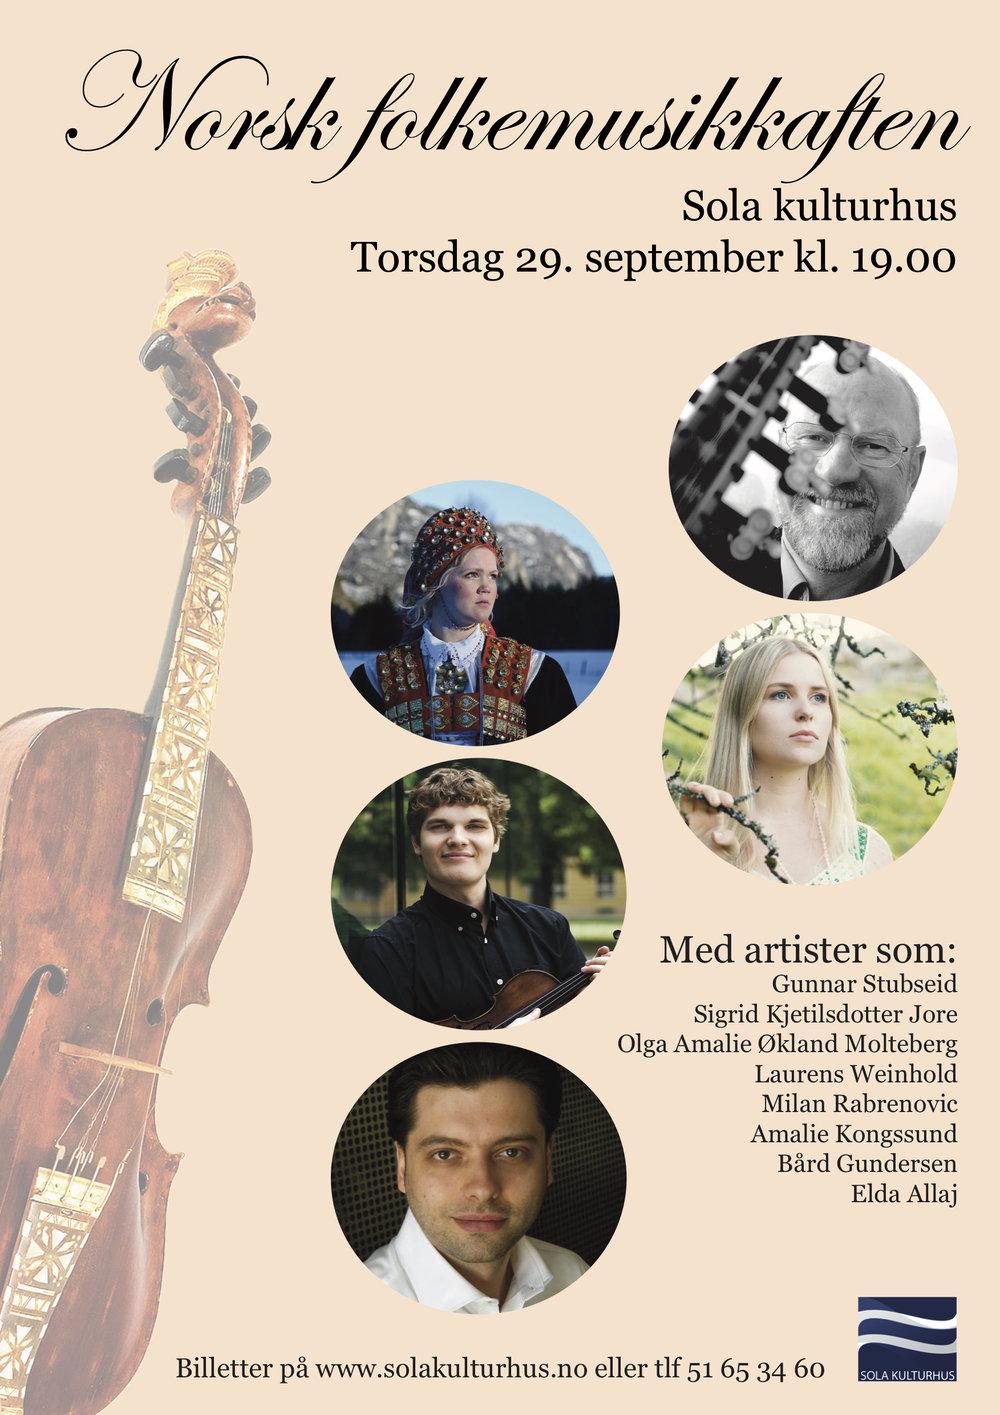 Plakat norsk folkemusikkaften.jpg